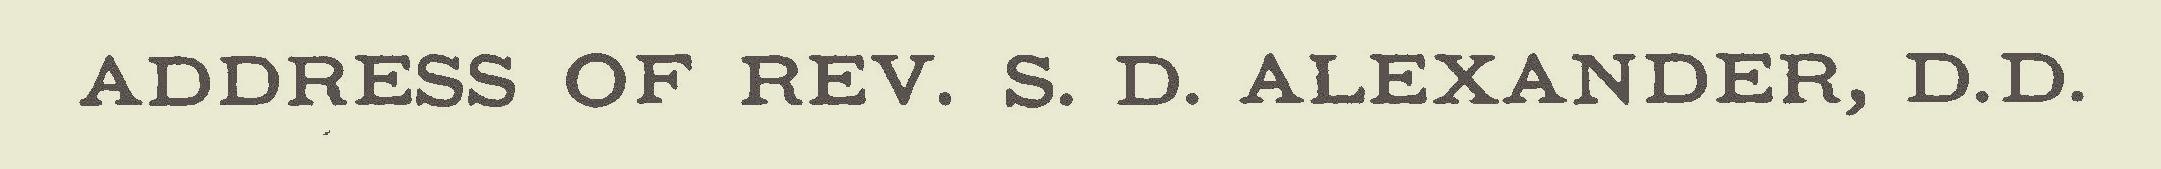 Alexander, Samuel Davies, Address of Rev. S.D. Alexander, D.D. at Old Pine Street Church Title Page.jpg